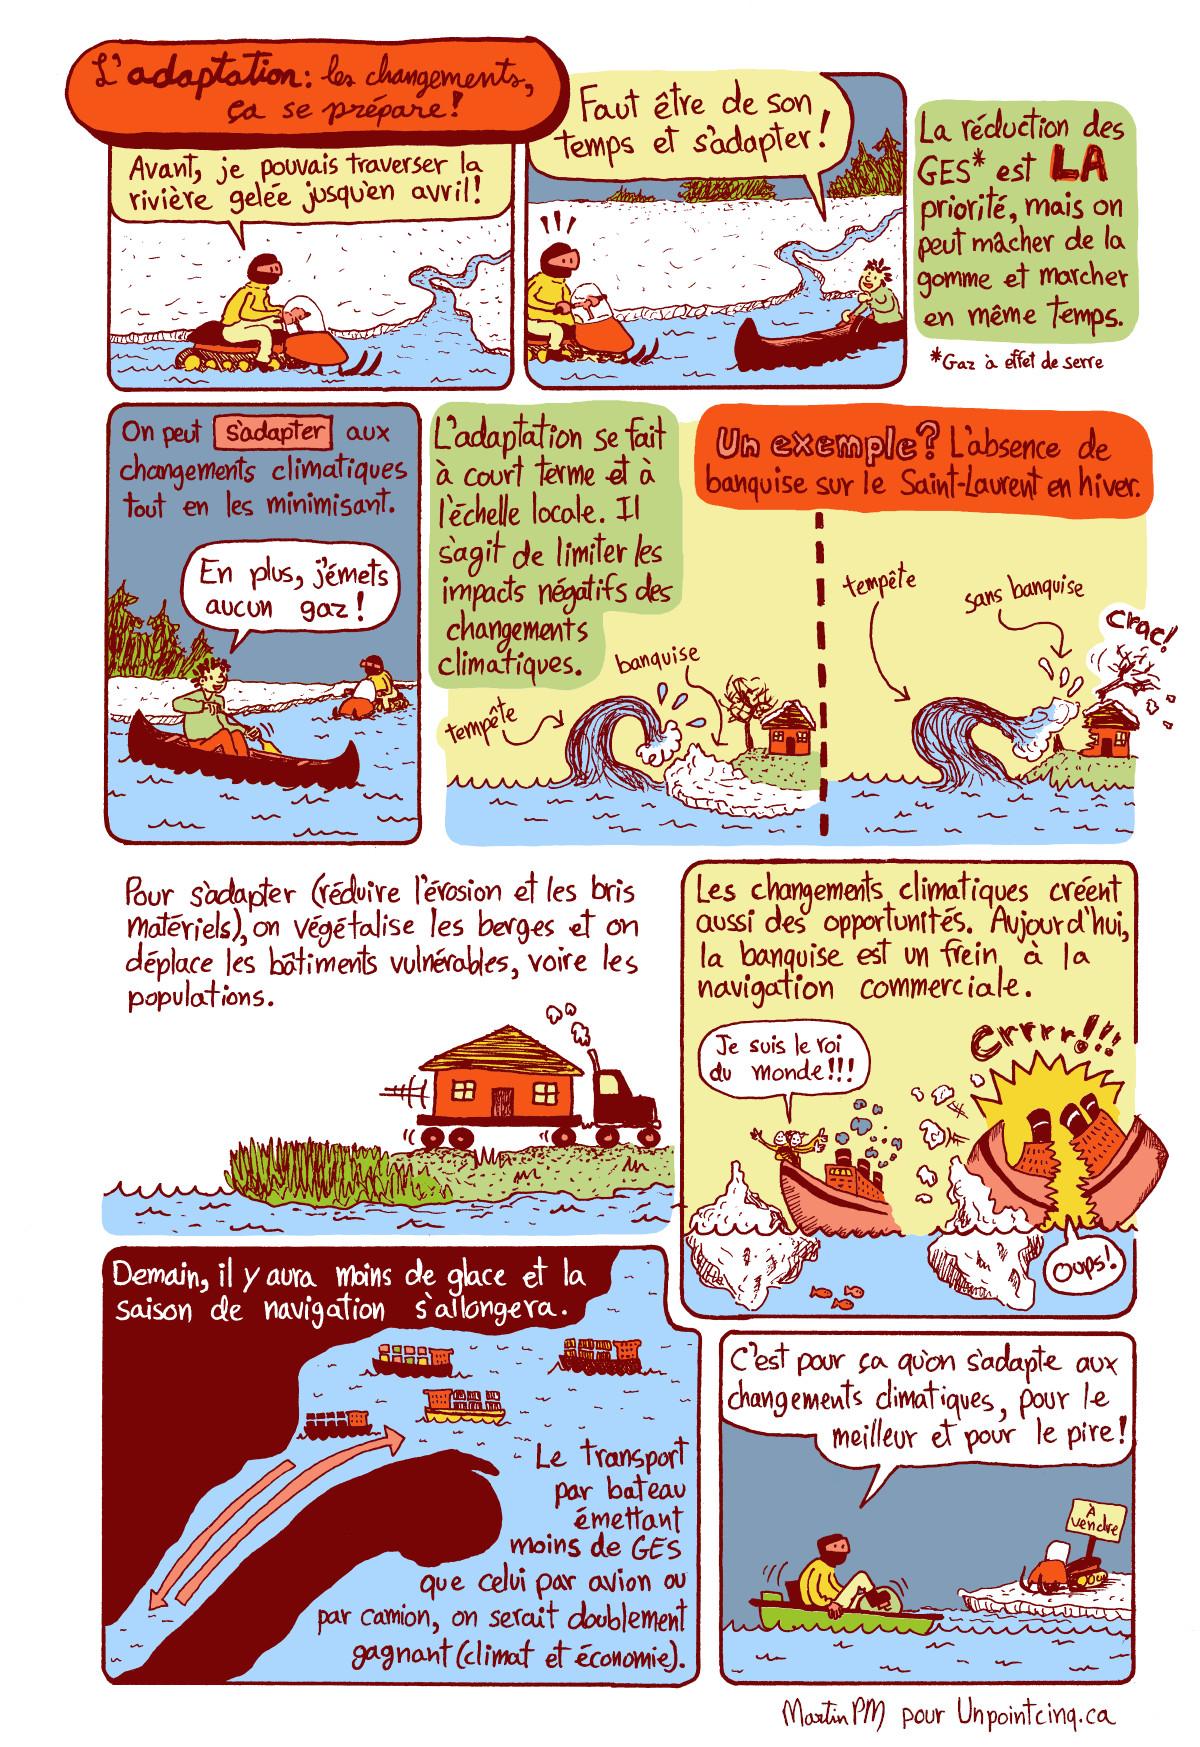 bande dessinée martin pm adaptation changements climatiques